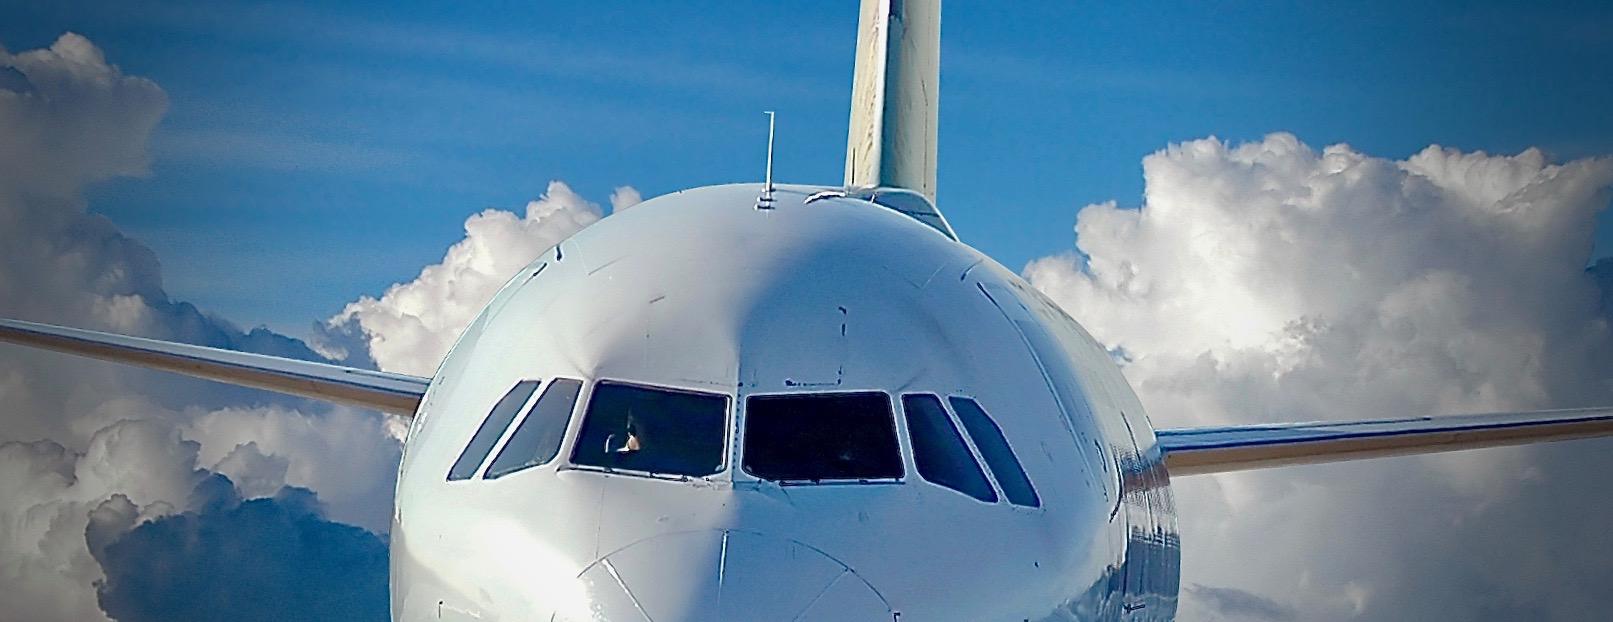 Préparation Sélection pilotes Briobox Air Jobs